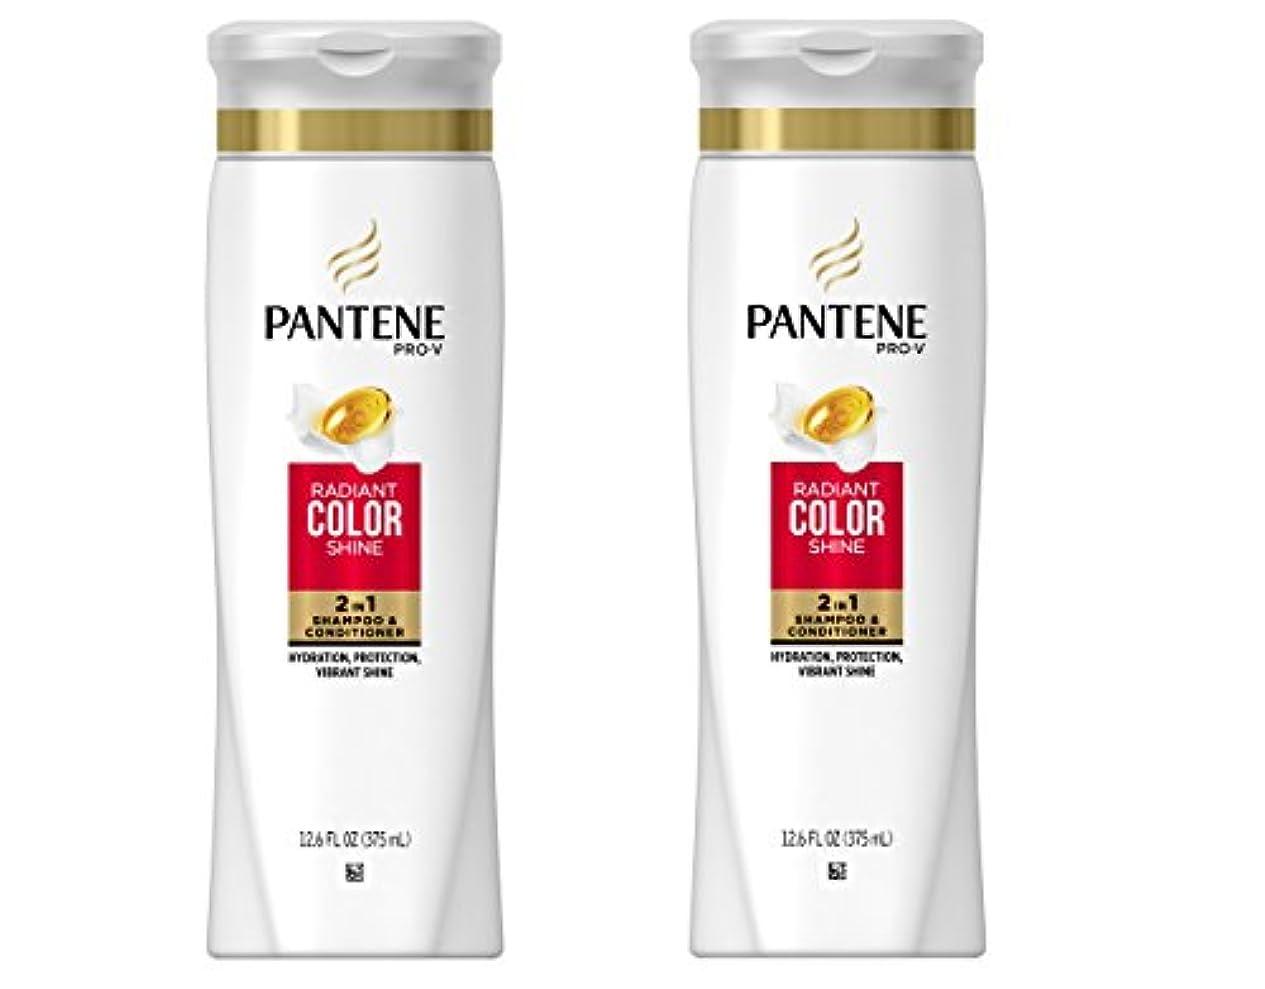 発送ペット教室Pantene プロVラディアン色鮮やかな輝きを放つドリームケアの2in1シャンプー&コンディショナーシャイン12.6オズ(2パック) 12.6オンス(2パック) プロV色リバイバル磨きの2in1シャンプーとコンディショナー